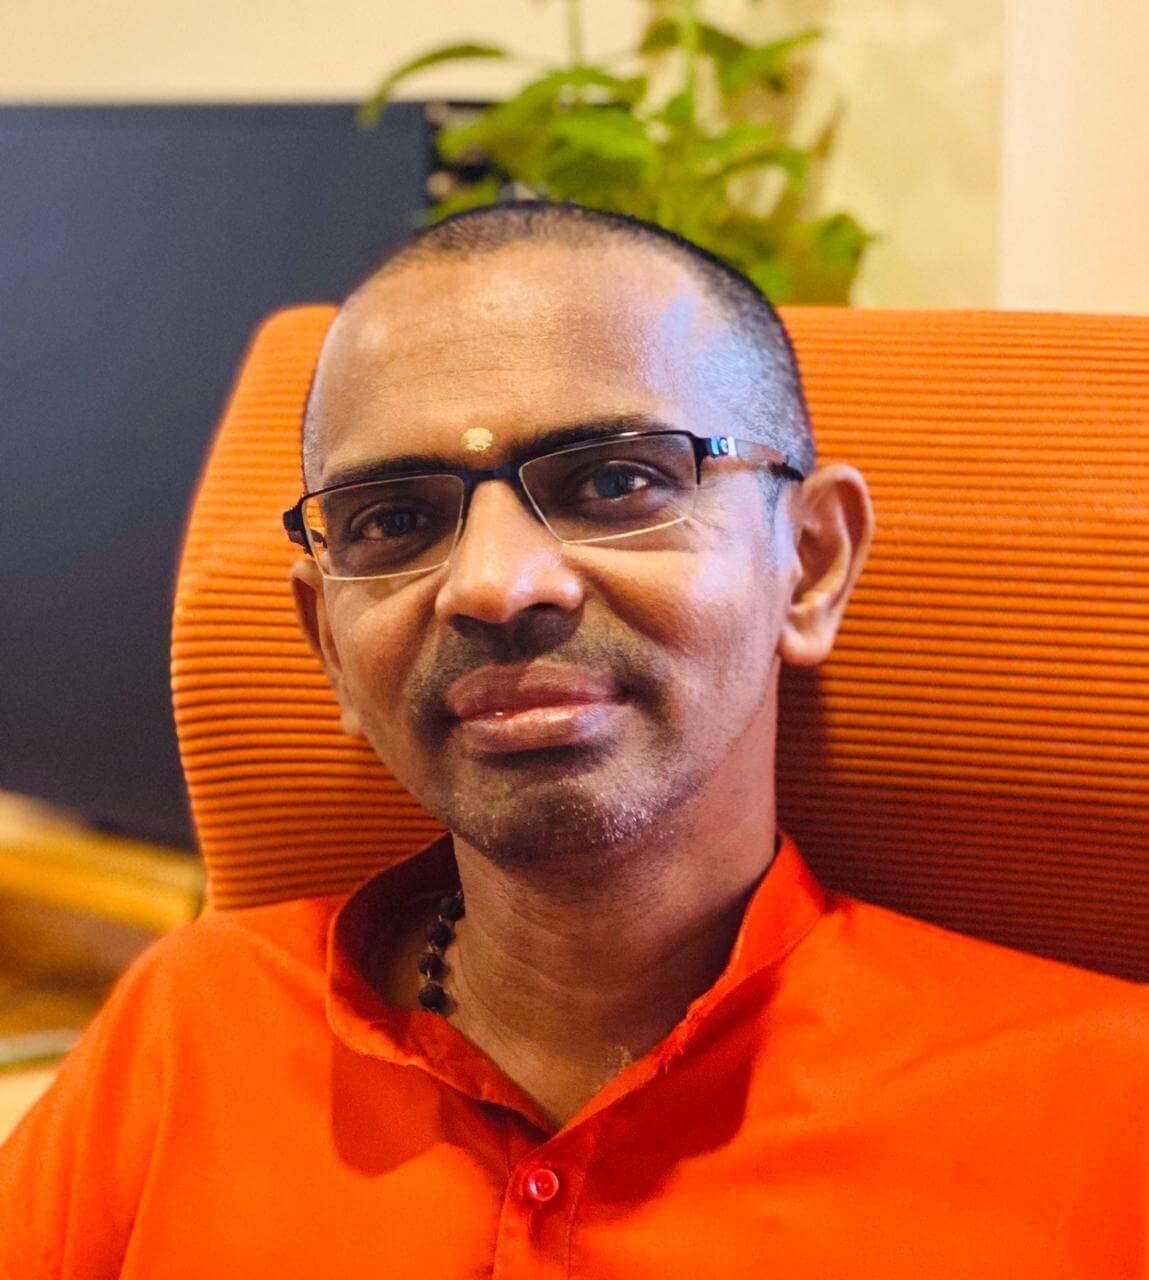 swami shubamritananda puri